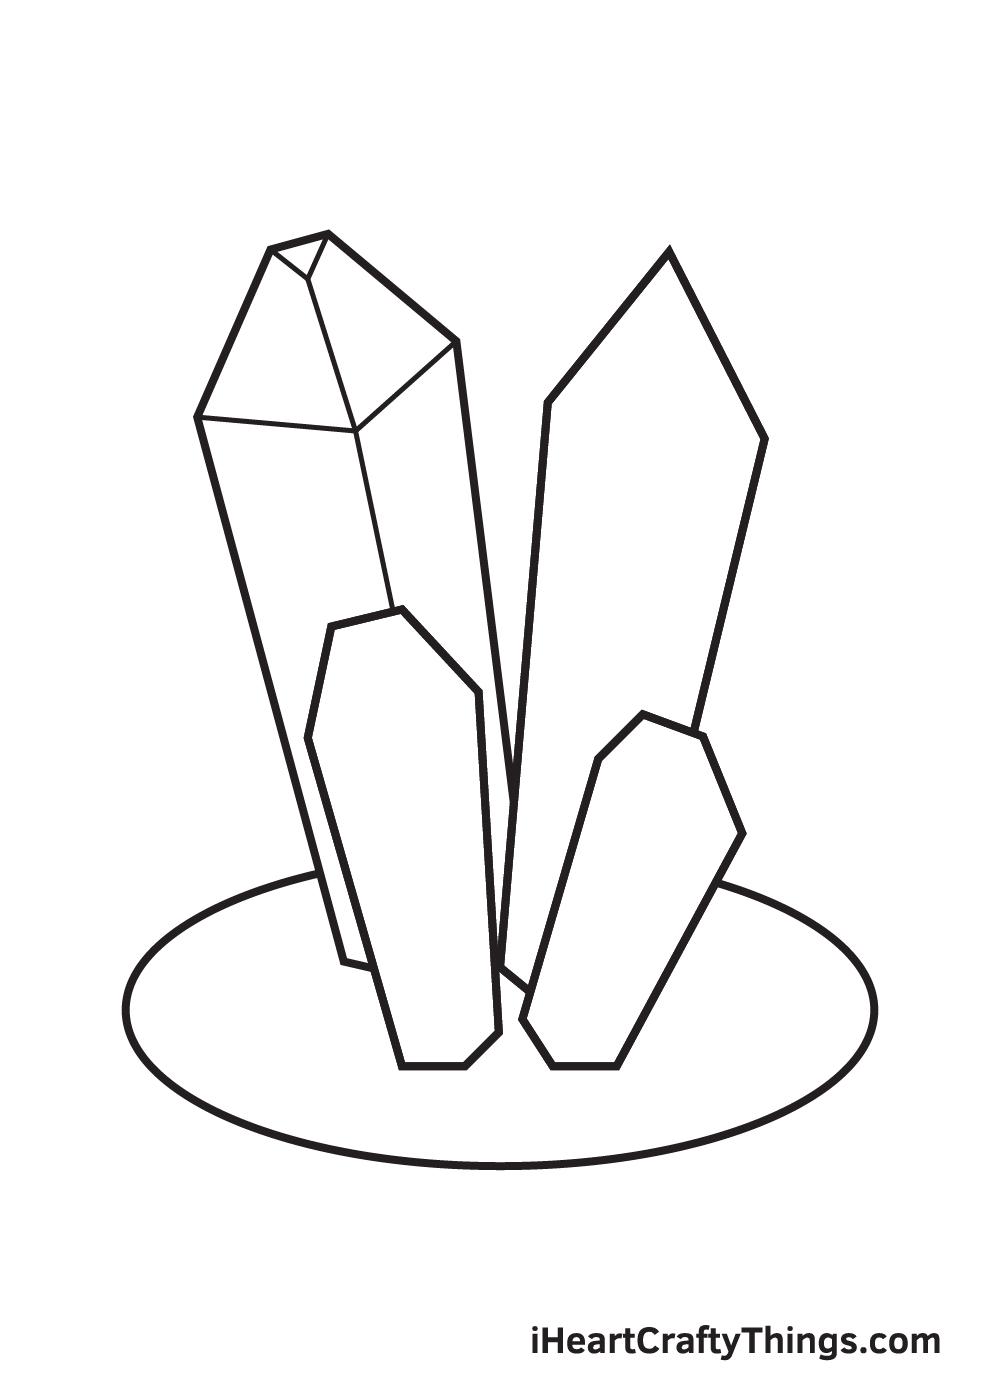 crystals drawing step 6